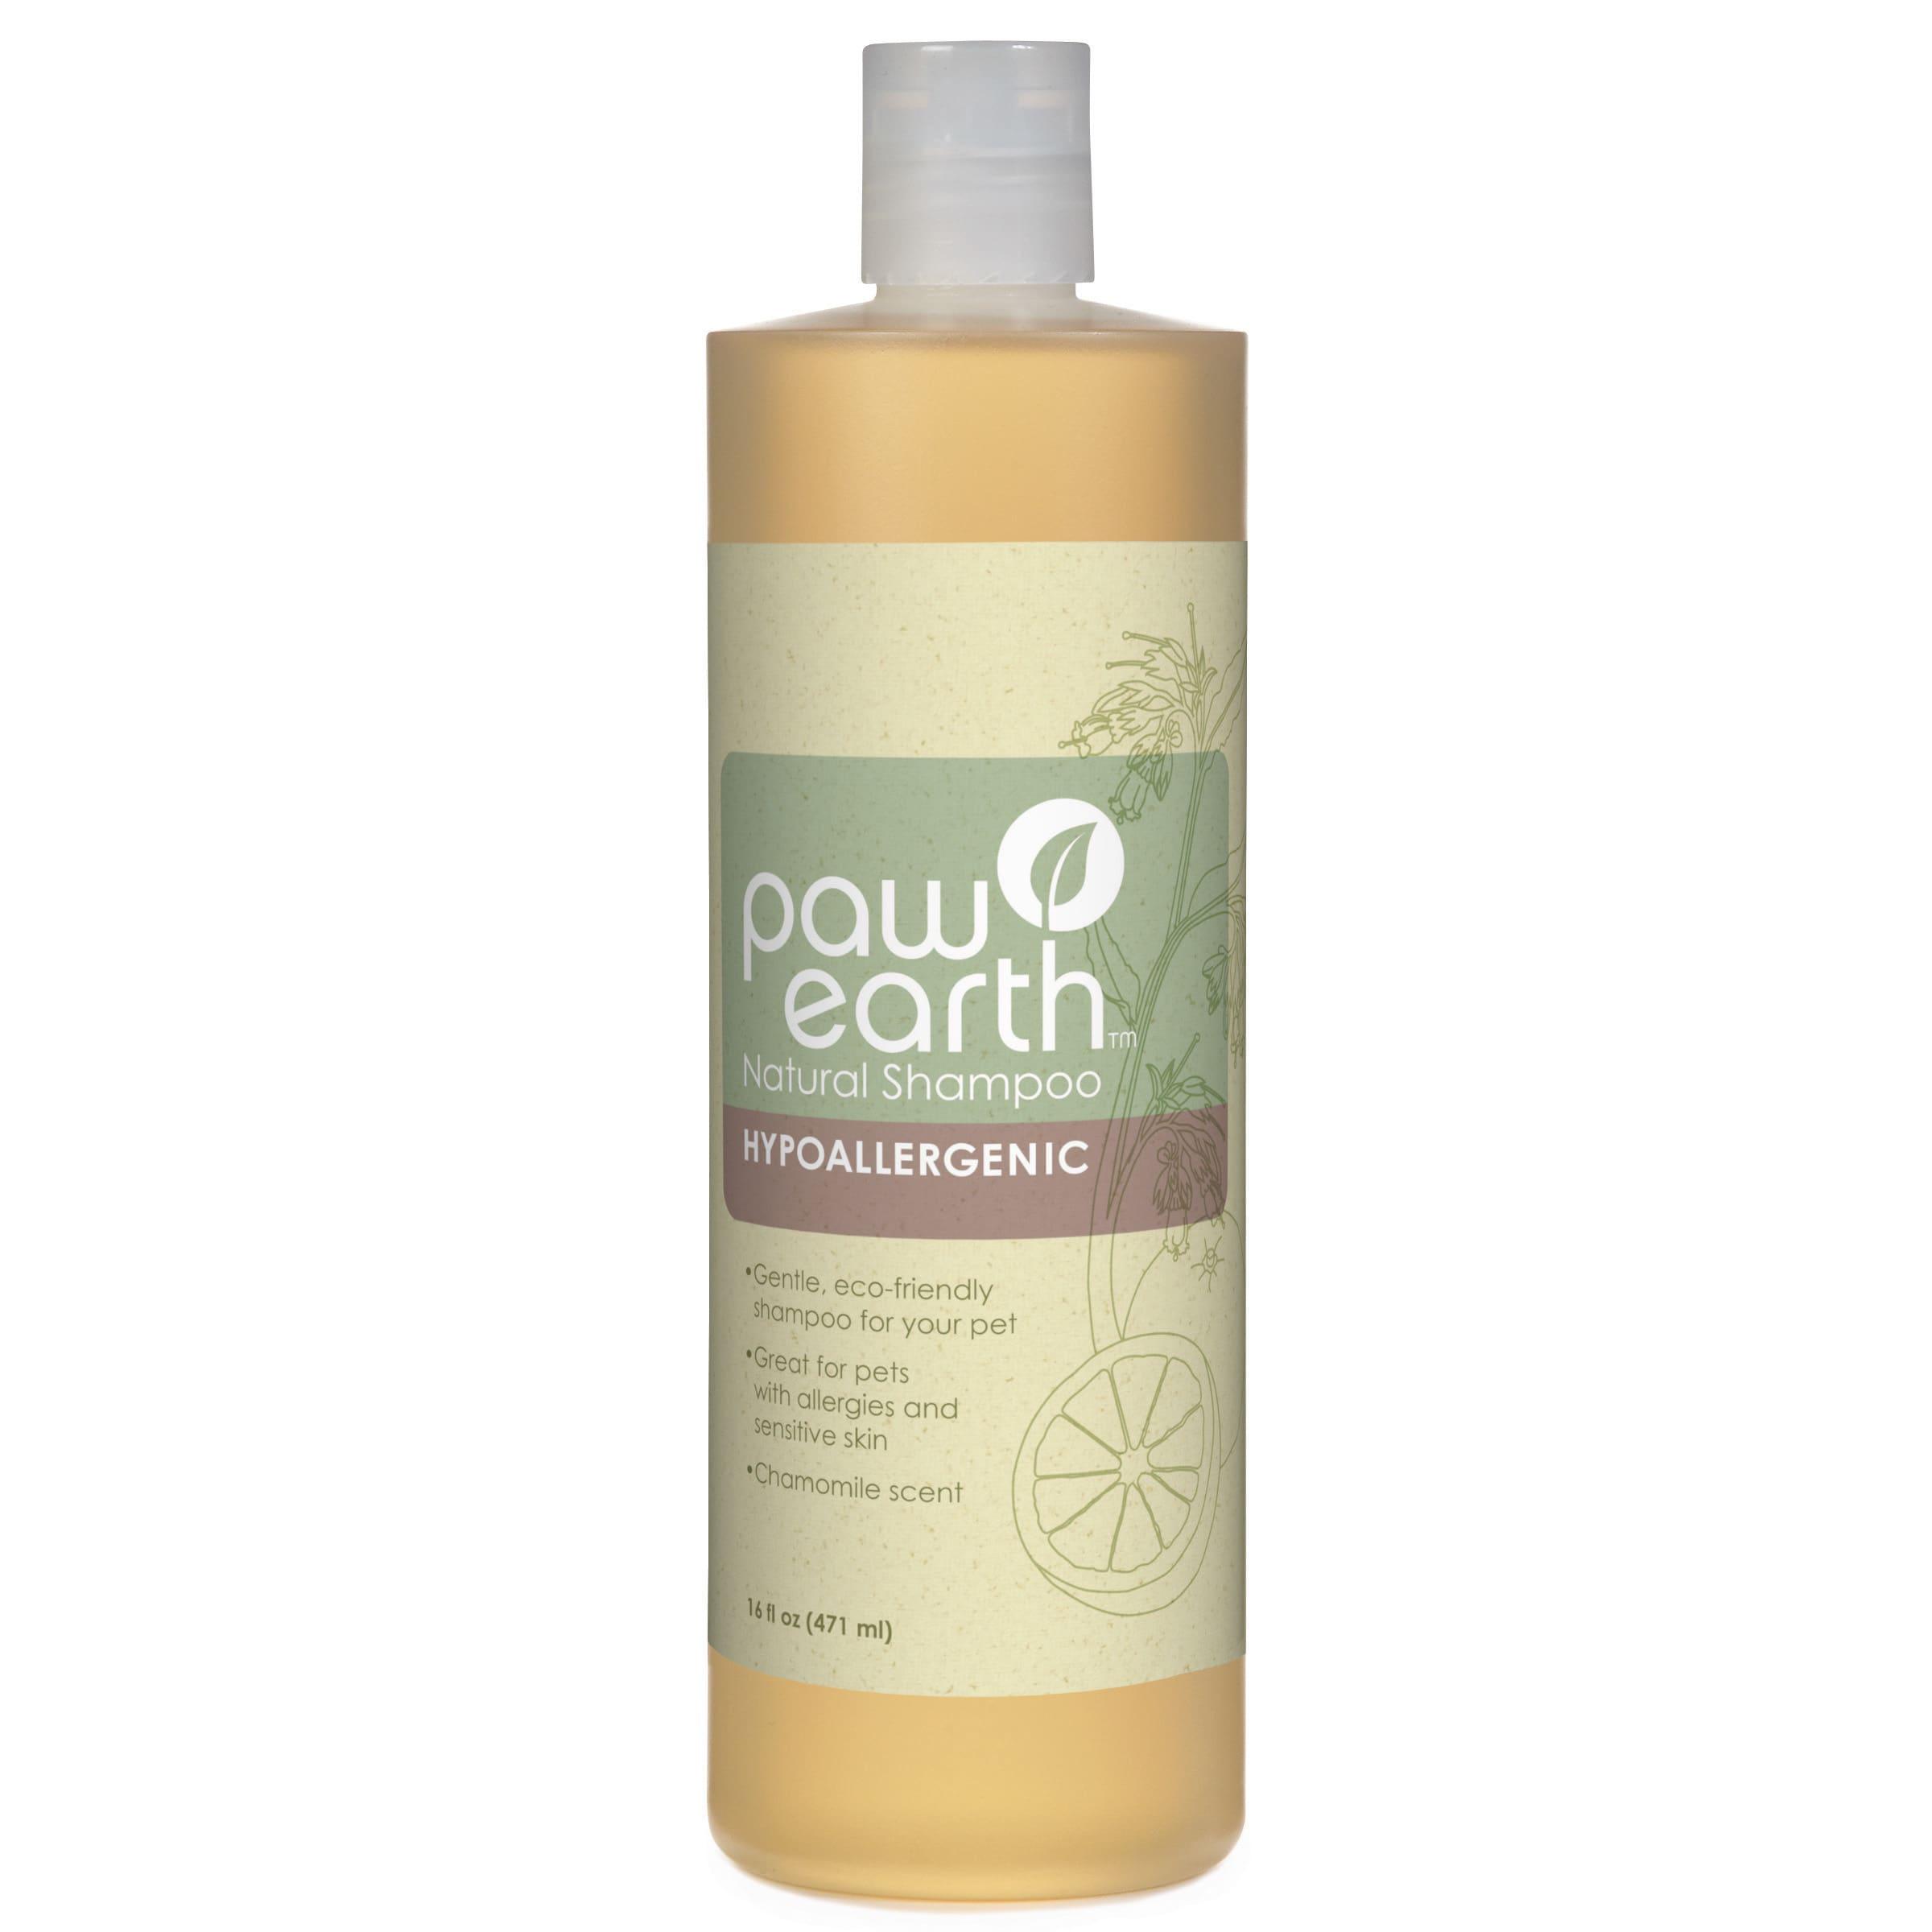 Paw Earth Natural Shampoo (Tea Tree Oil & Aloe 16 oz), Wh...